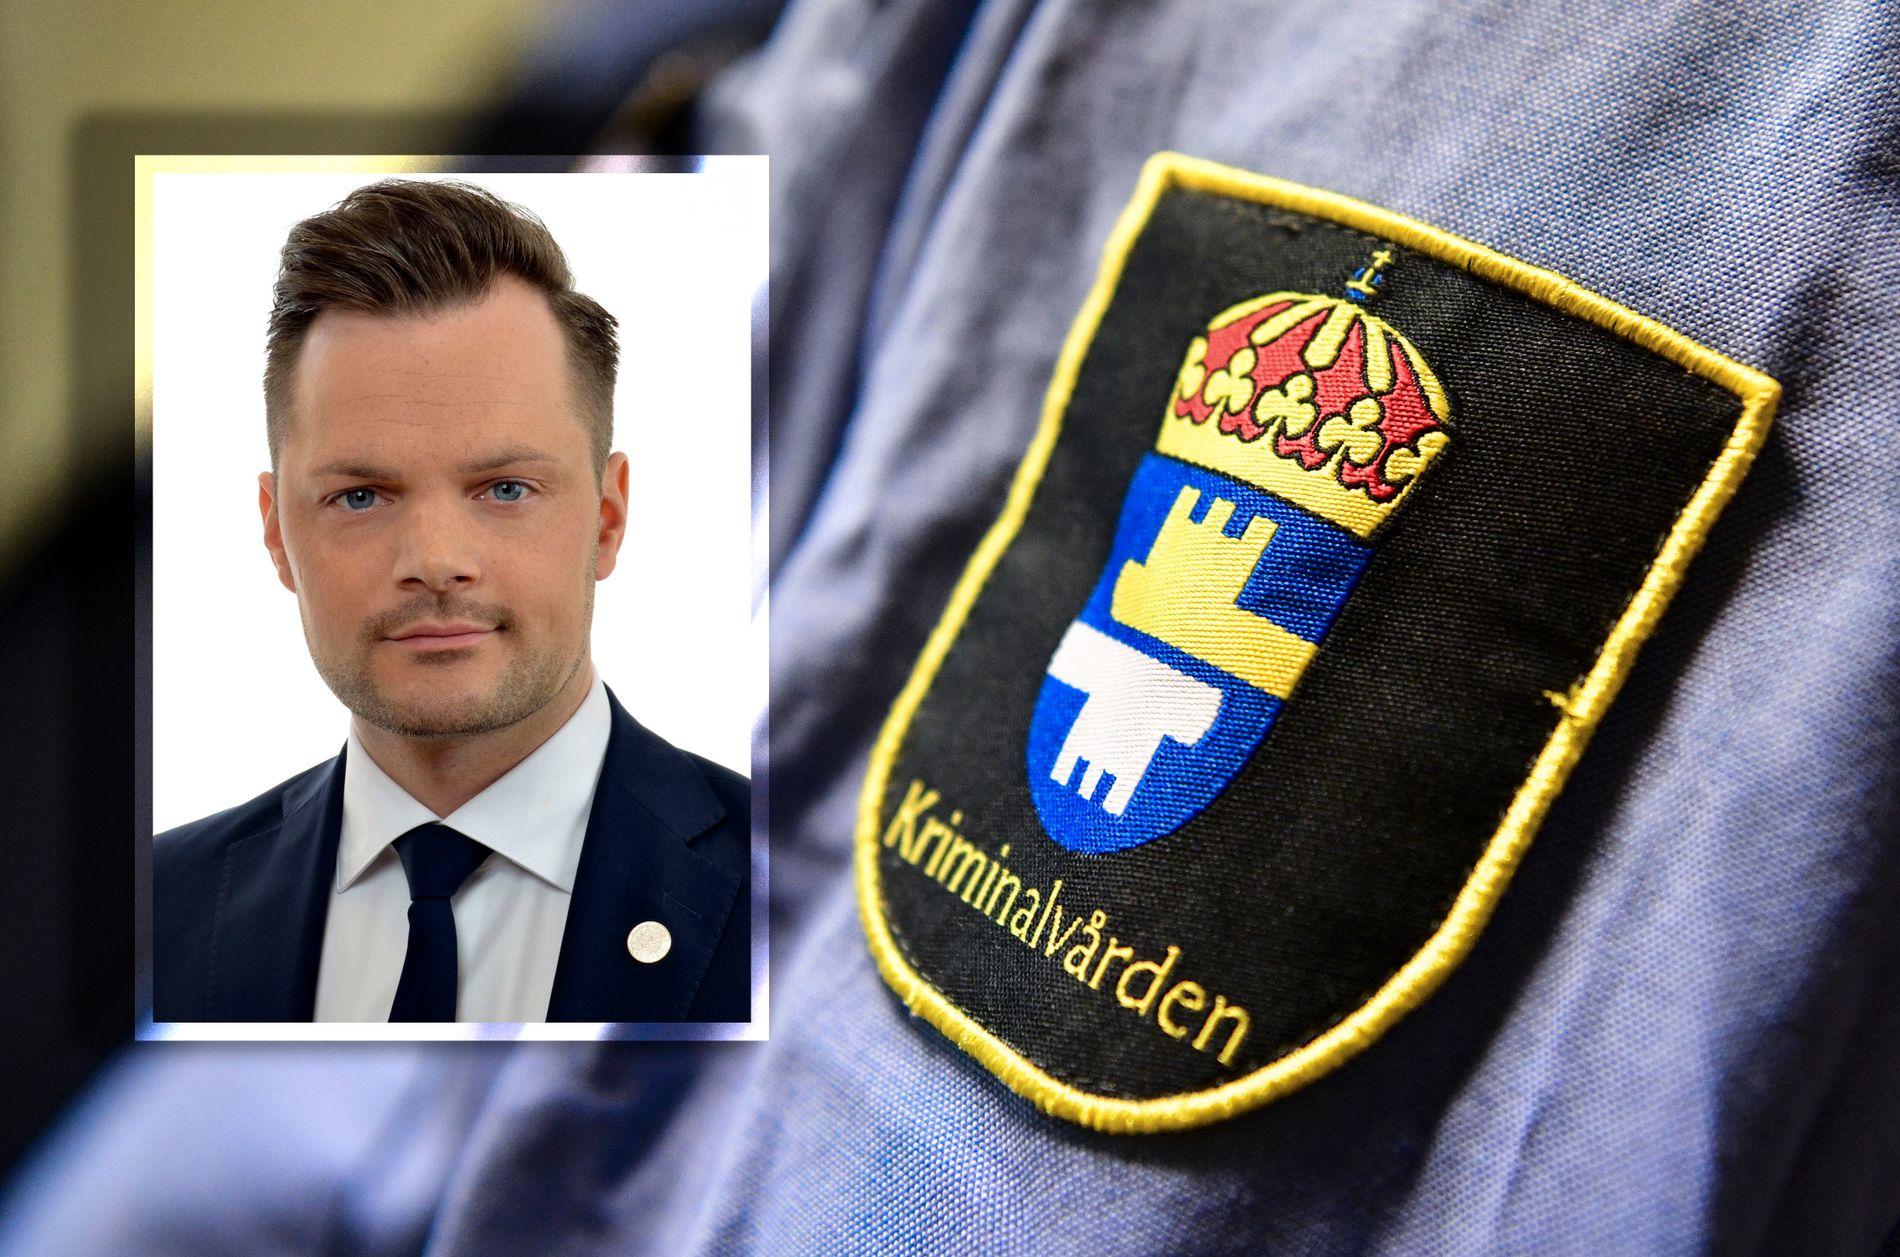 DEBATT: Det ska inte löna sig att begå brott i Sverige